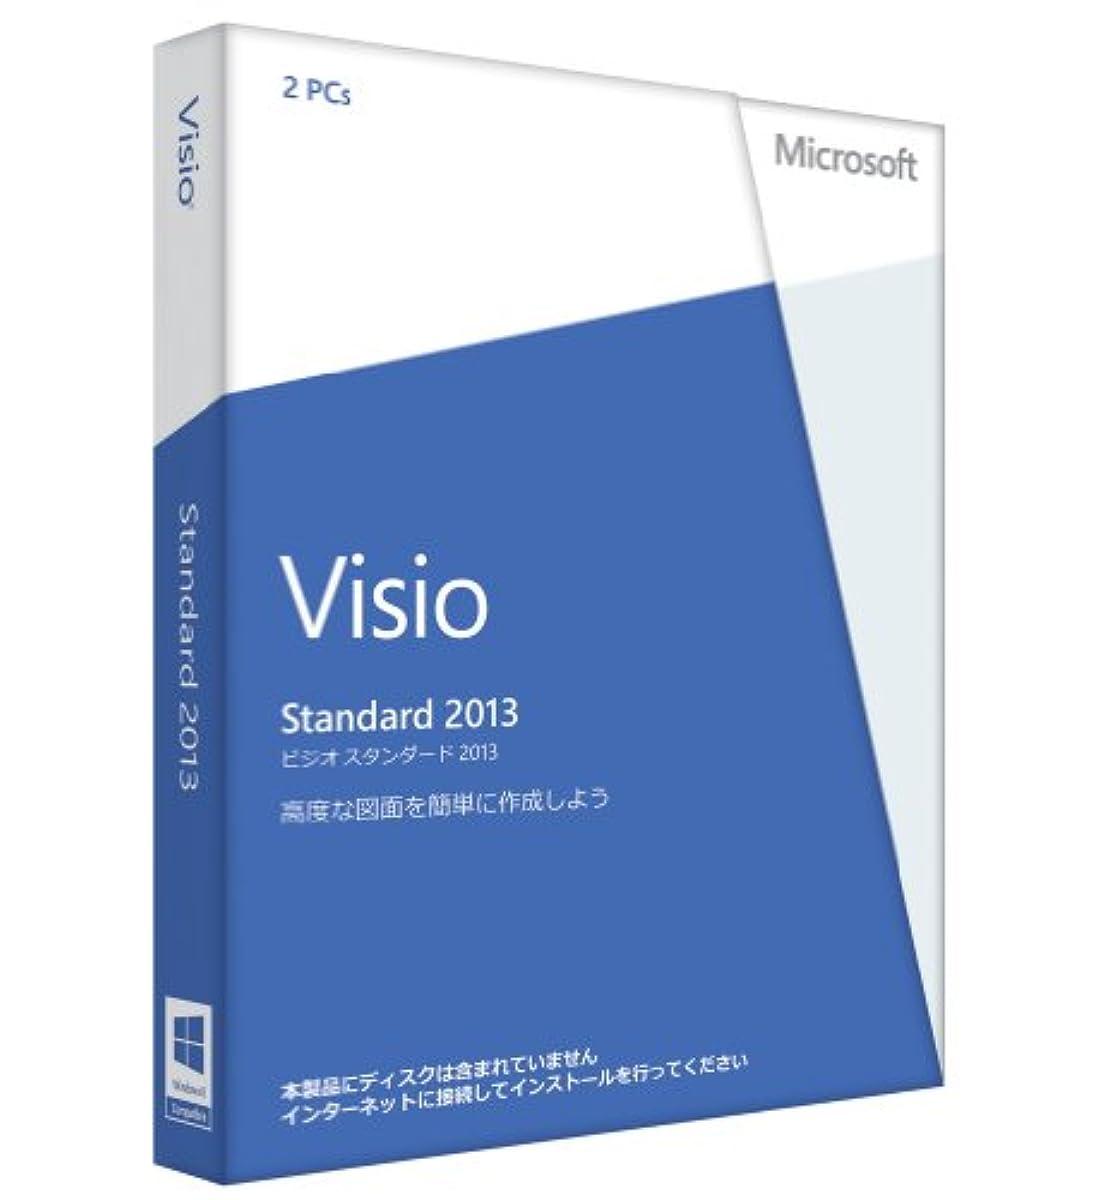 スタッフコンクリート包囲【旧商品/2016年メーカー出荷終了】Microsoft Office Visio Standard 2013 通常版 [プロダクトキーのみ] [パッケージ] [Windows版](PC2台/1ライセンス)